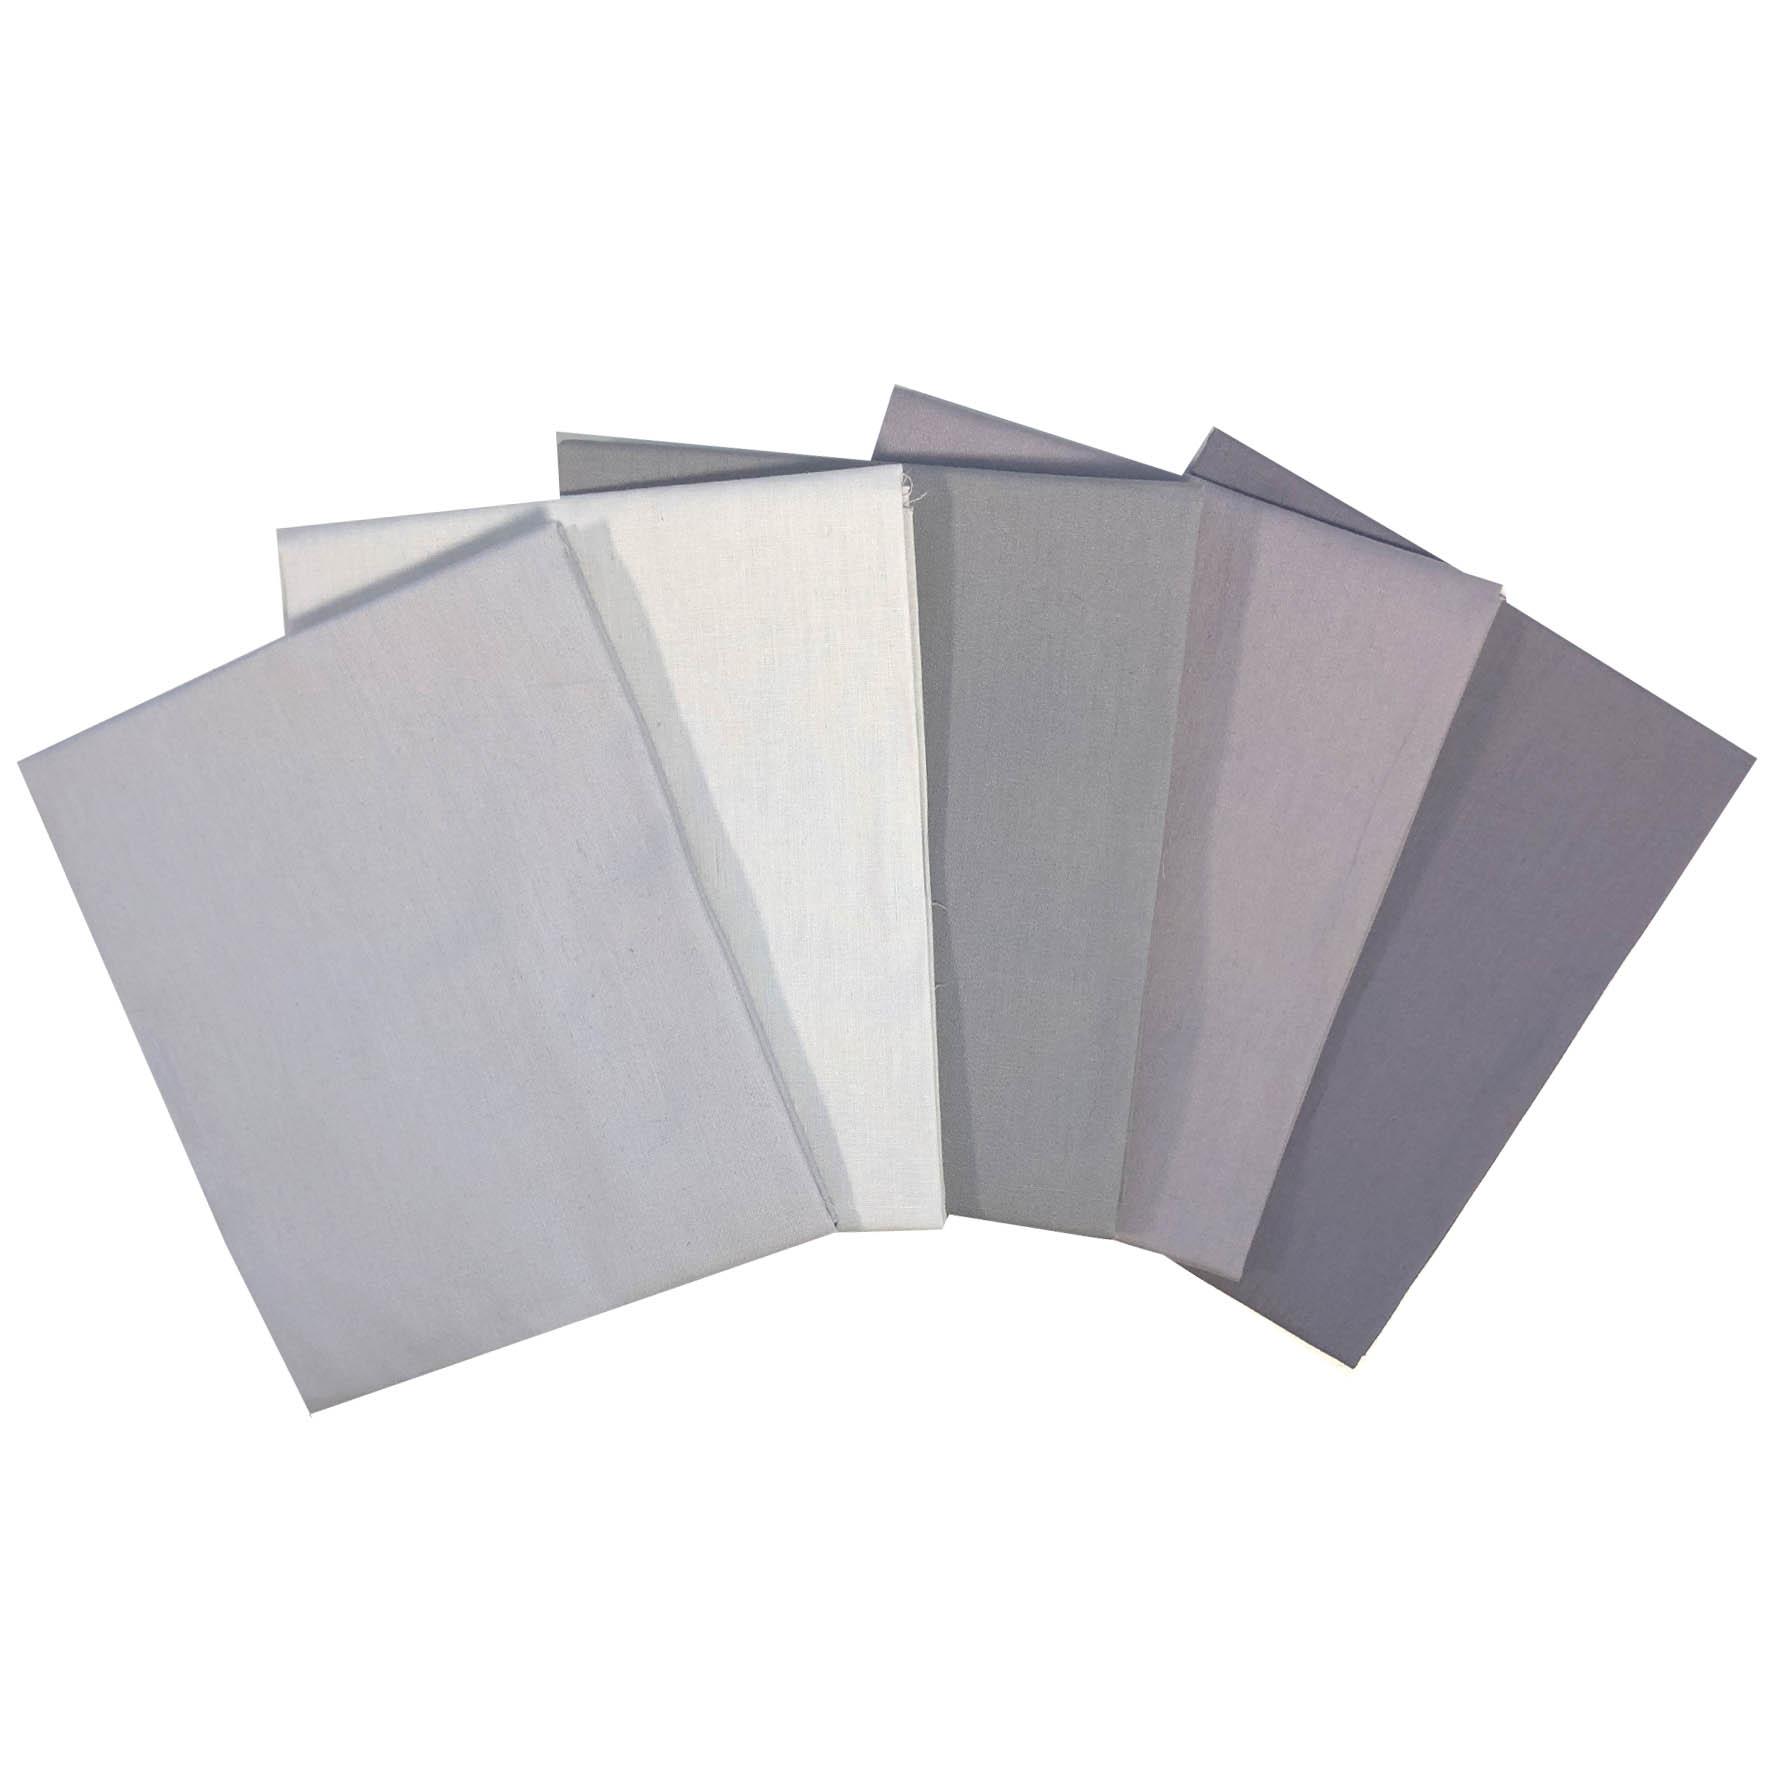 Value Fat Quarters Plain Grey